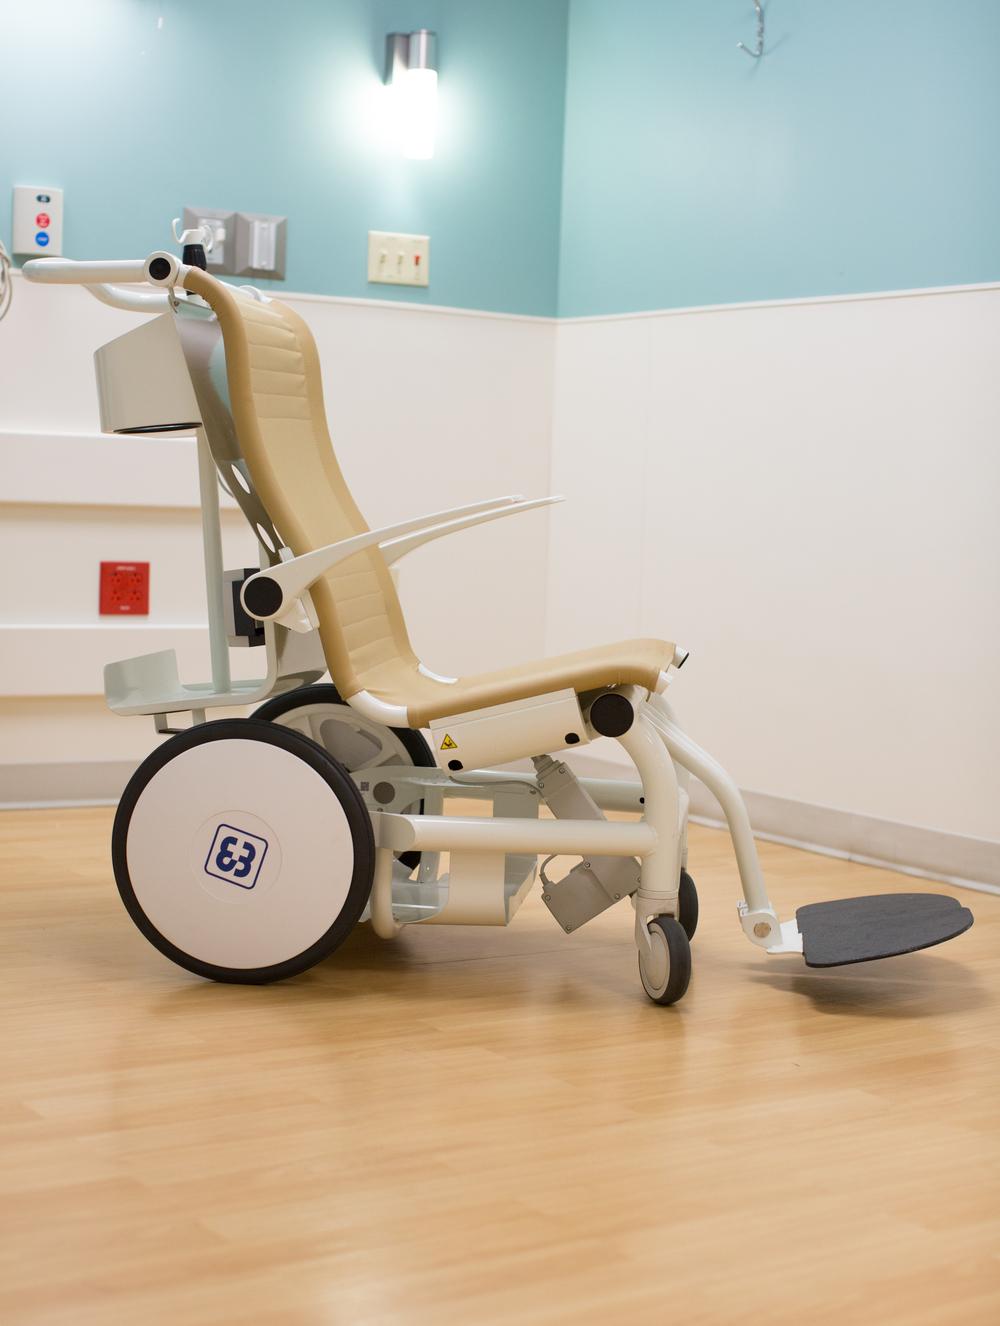 movi_hospital_00027.jpg